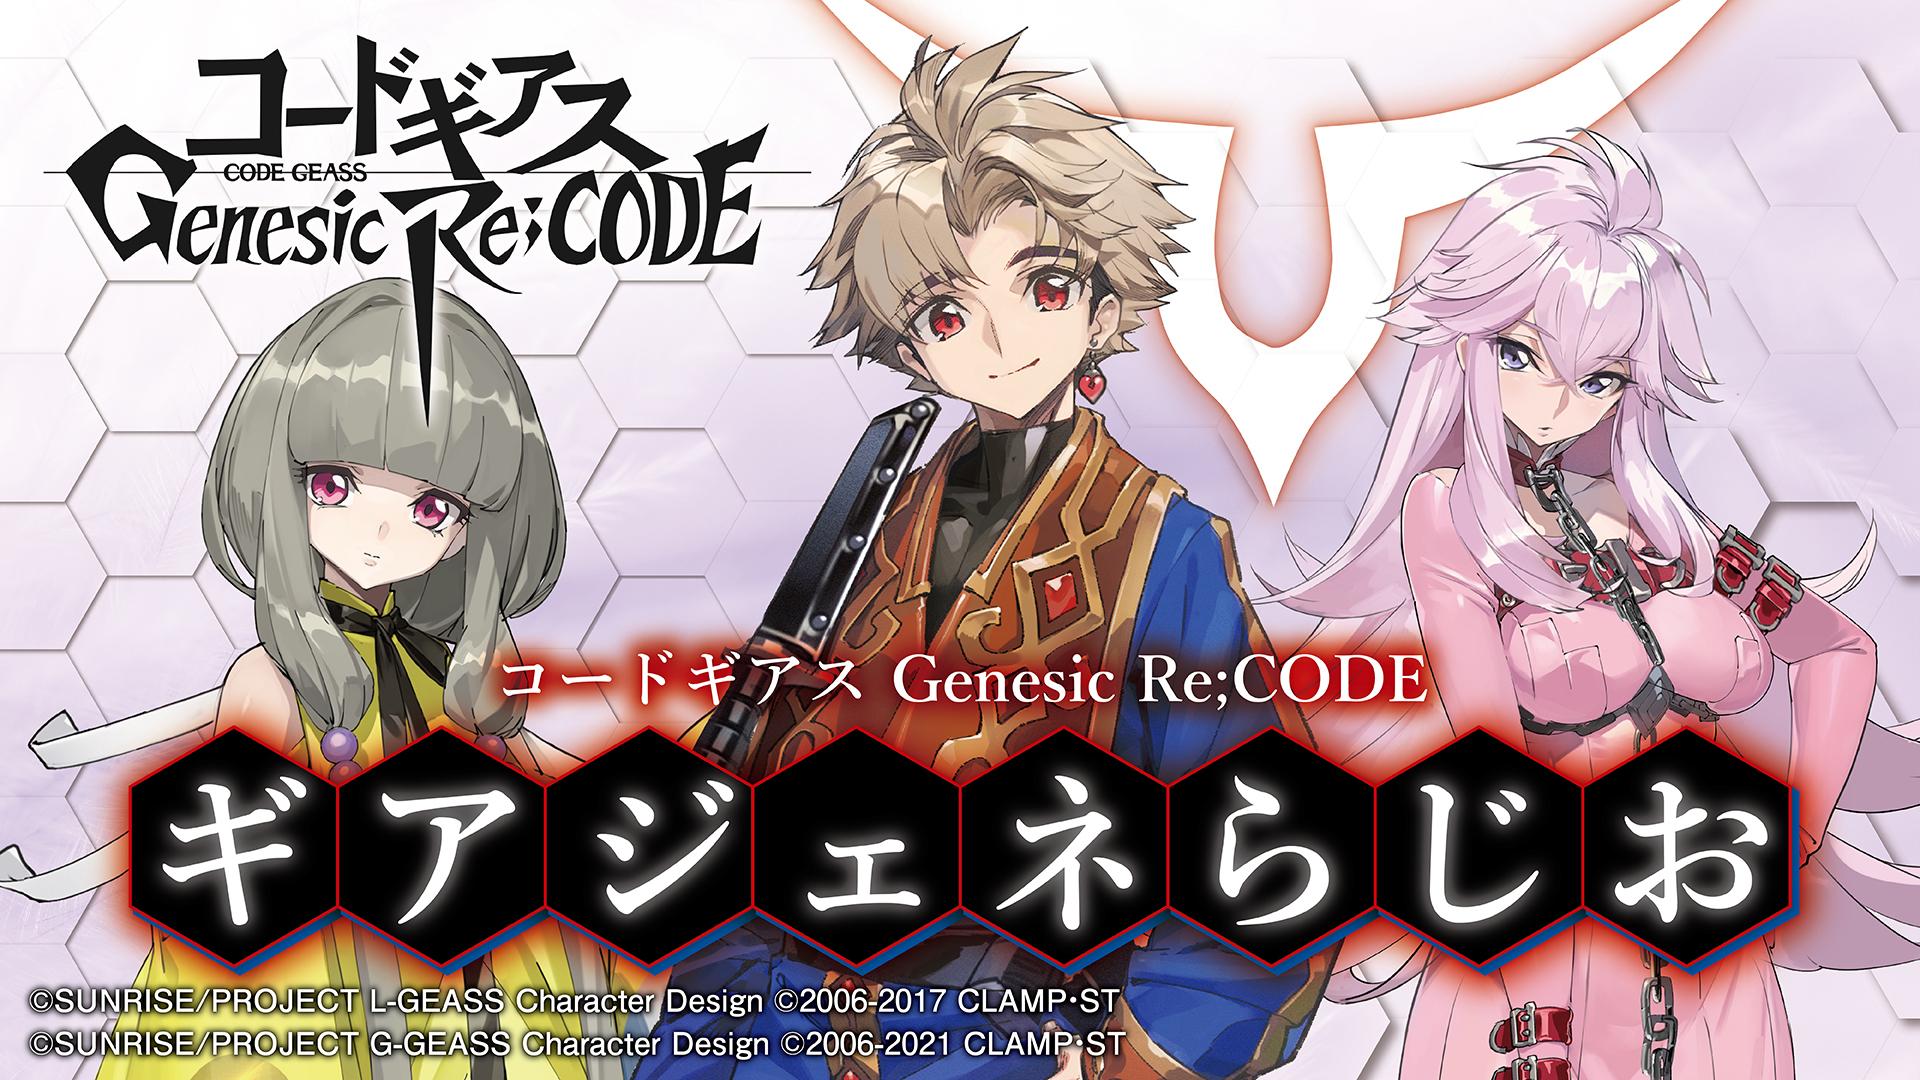 『コードギアス GenesicRe;CODE(ジェネシックレコード)』のラジオ番組『ギアジェネらじお』